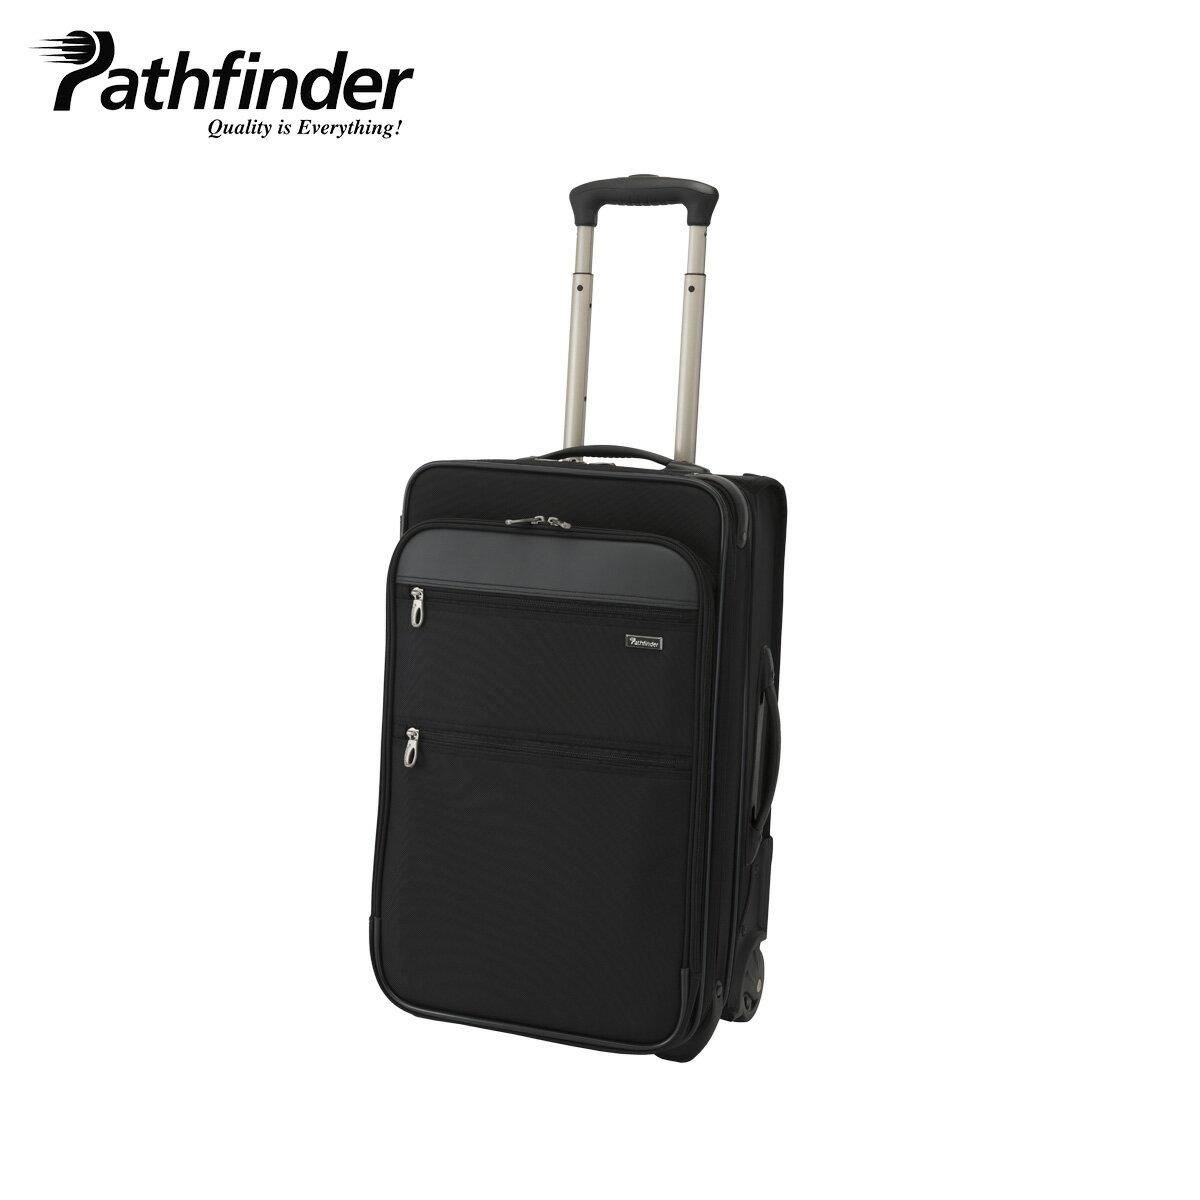 バッグ, スーツケース・キャリーバッグ 2000OFF Pathfinder 37L-53L REVOLUTION XT PF6822DAXB